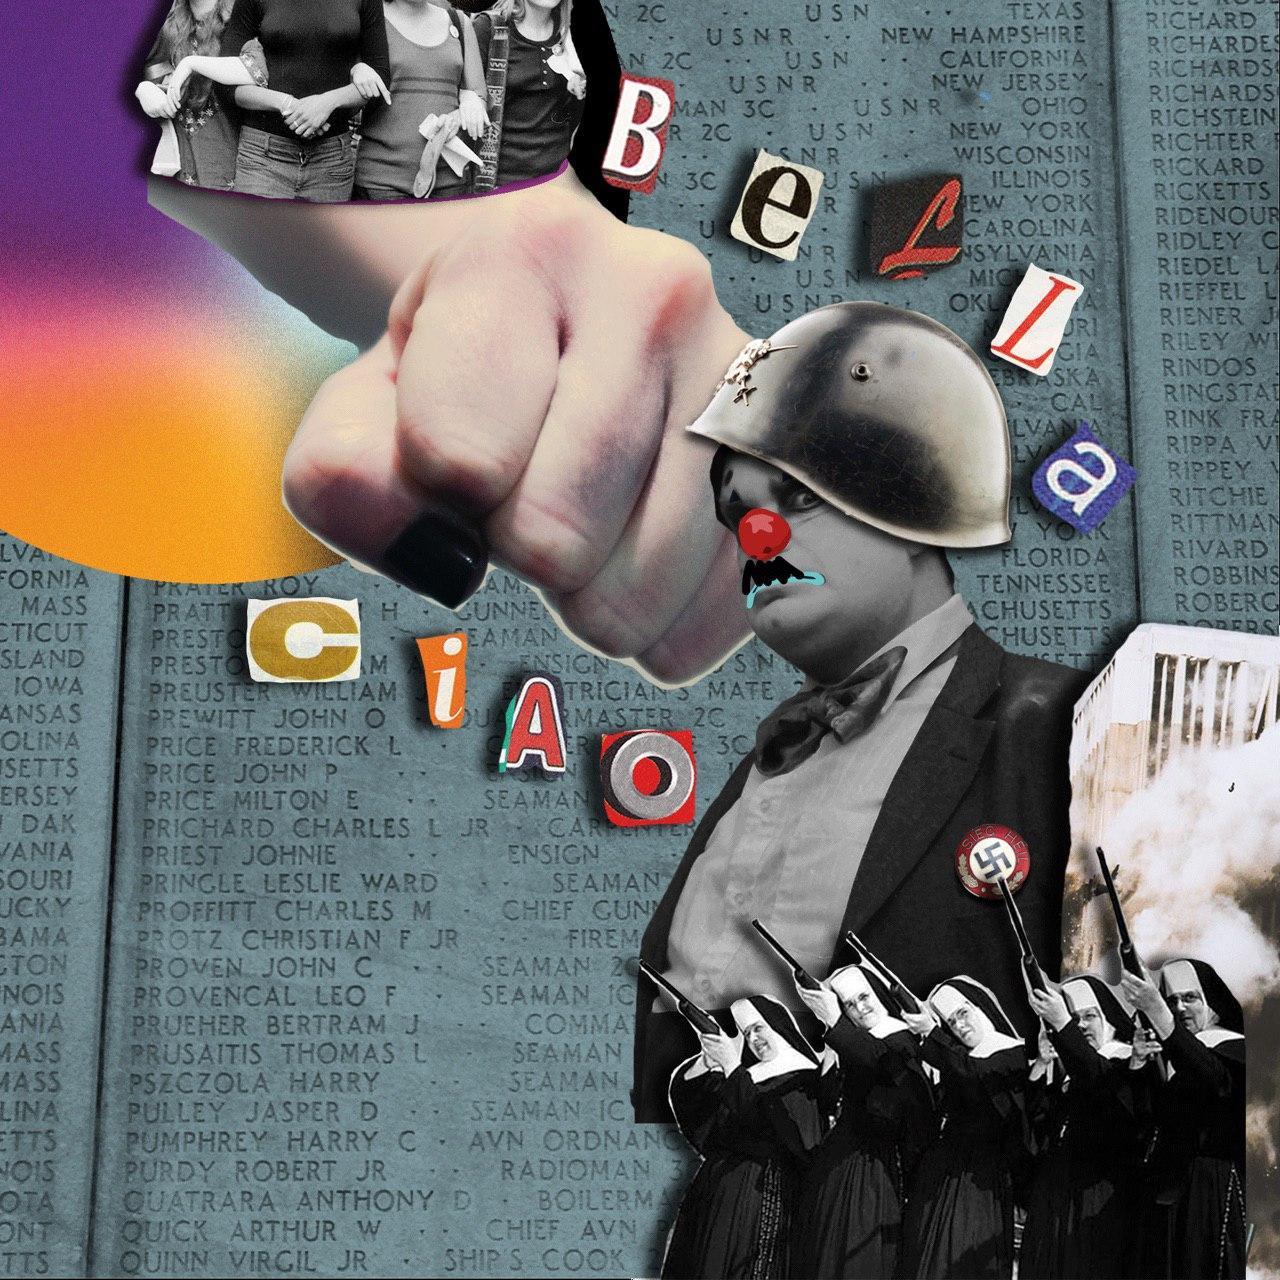 """Collage difital. Un sueñor con bigote y casco, de arriba surge un puño, una foto de mujeres agarradas marchando, monjas con escpetas, letras ormando """"bella ciao"""""""